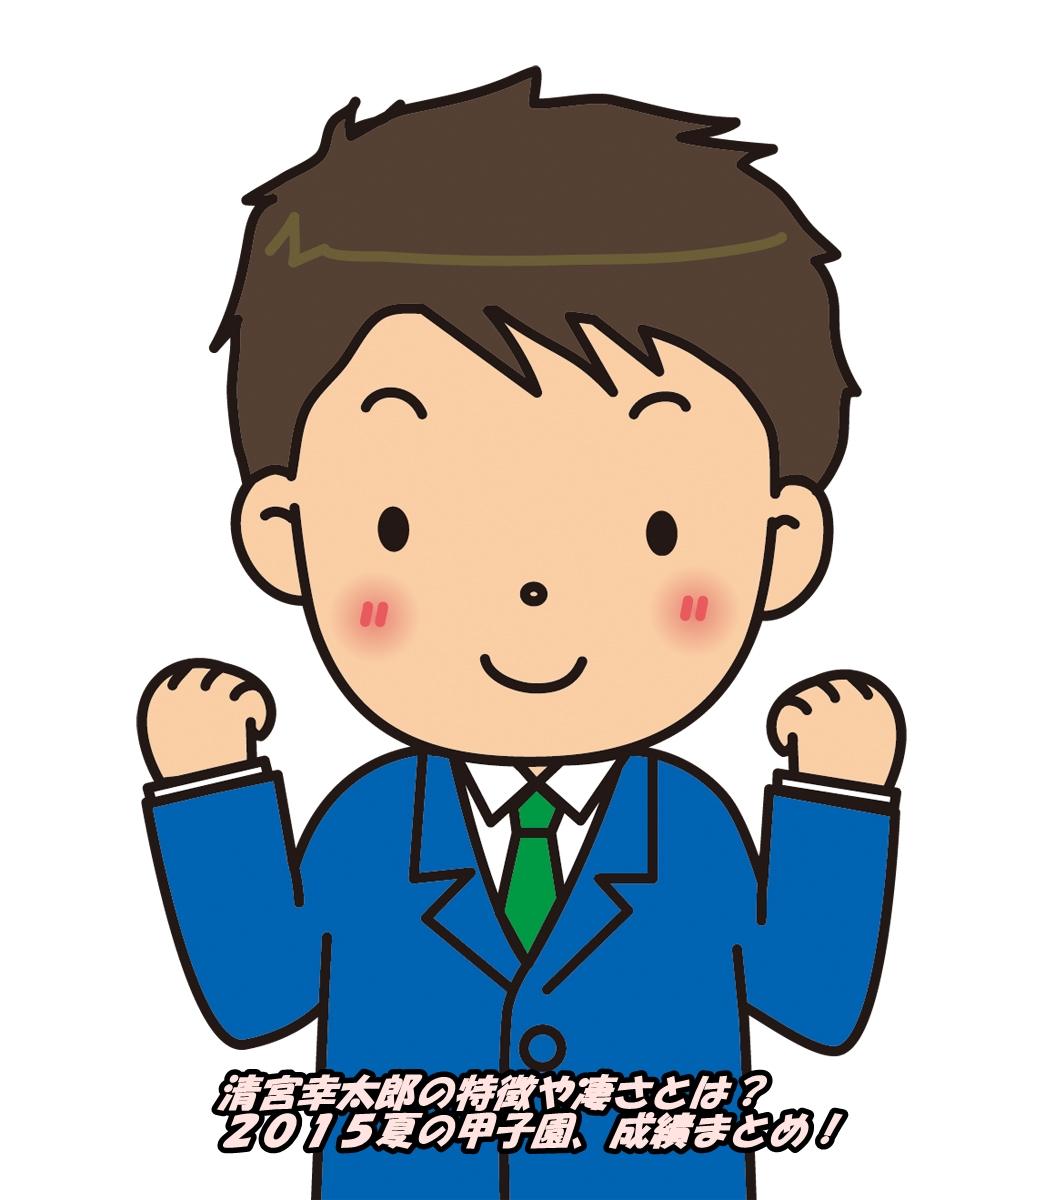 清宮幸太郎の特徴や凄さとは?2015夏の甲子園、成績まとめ!